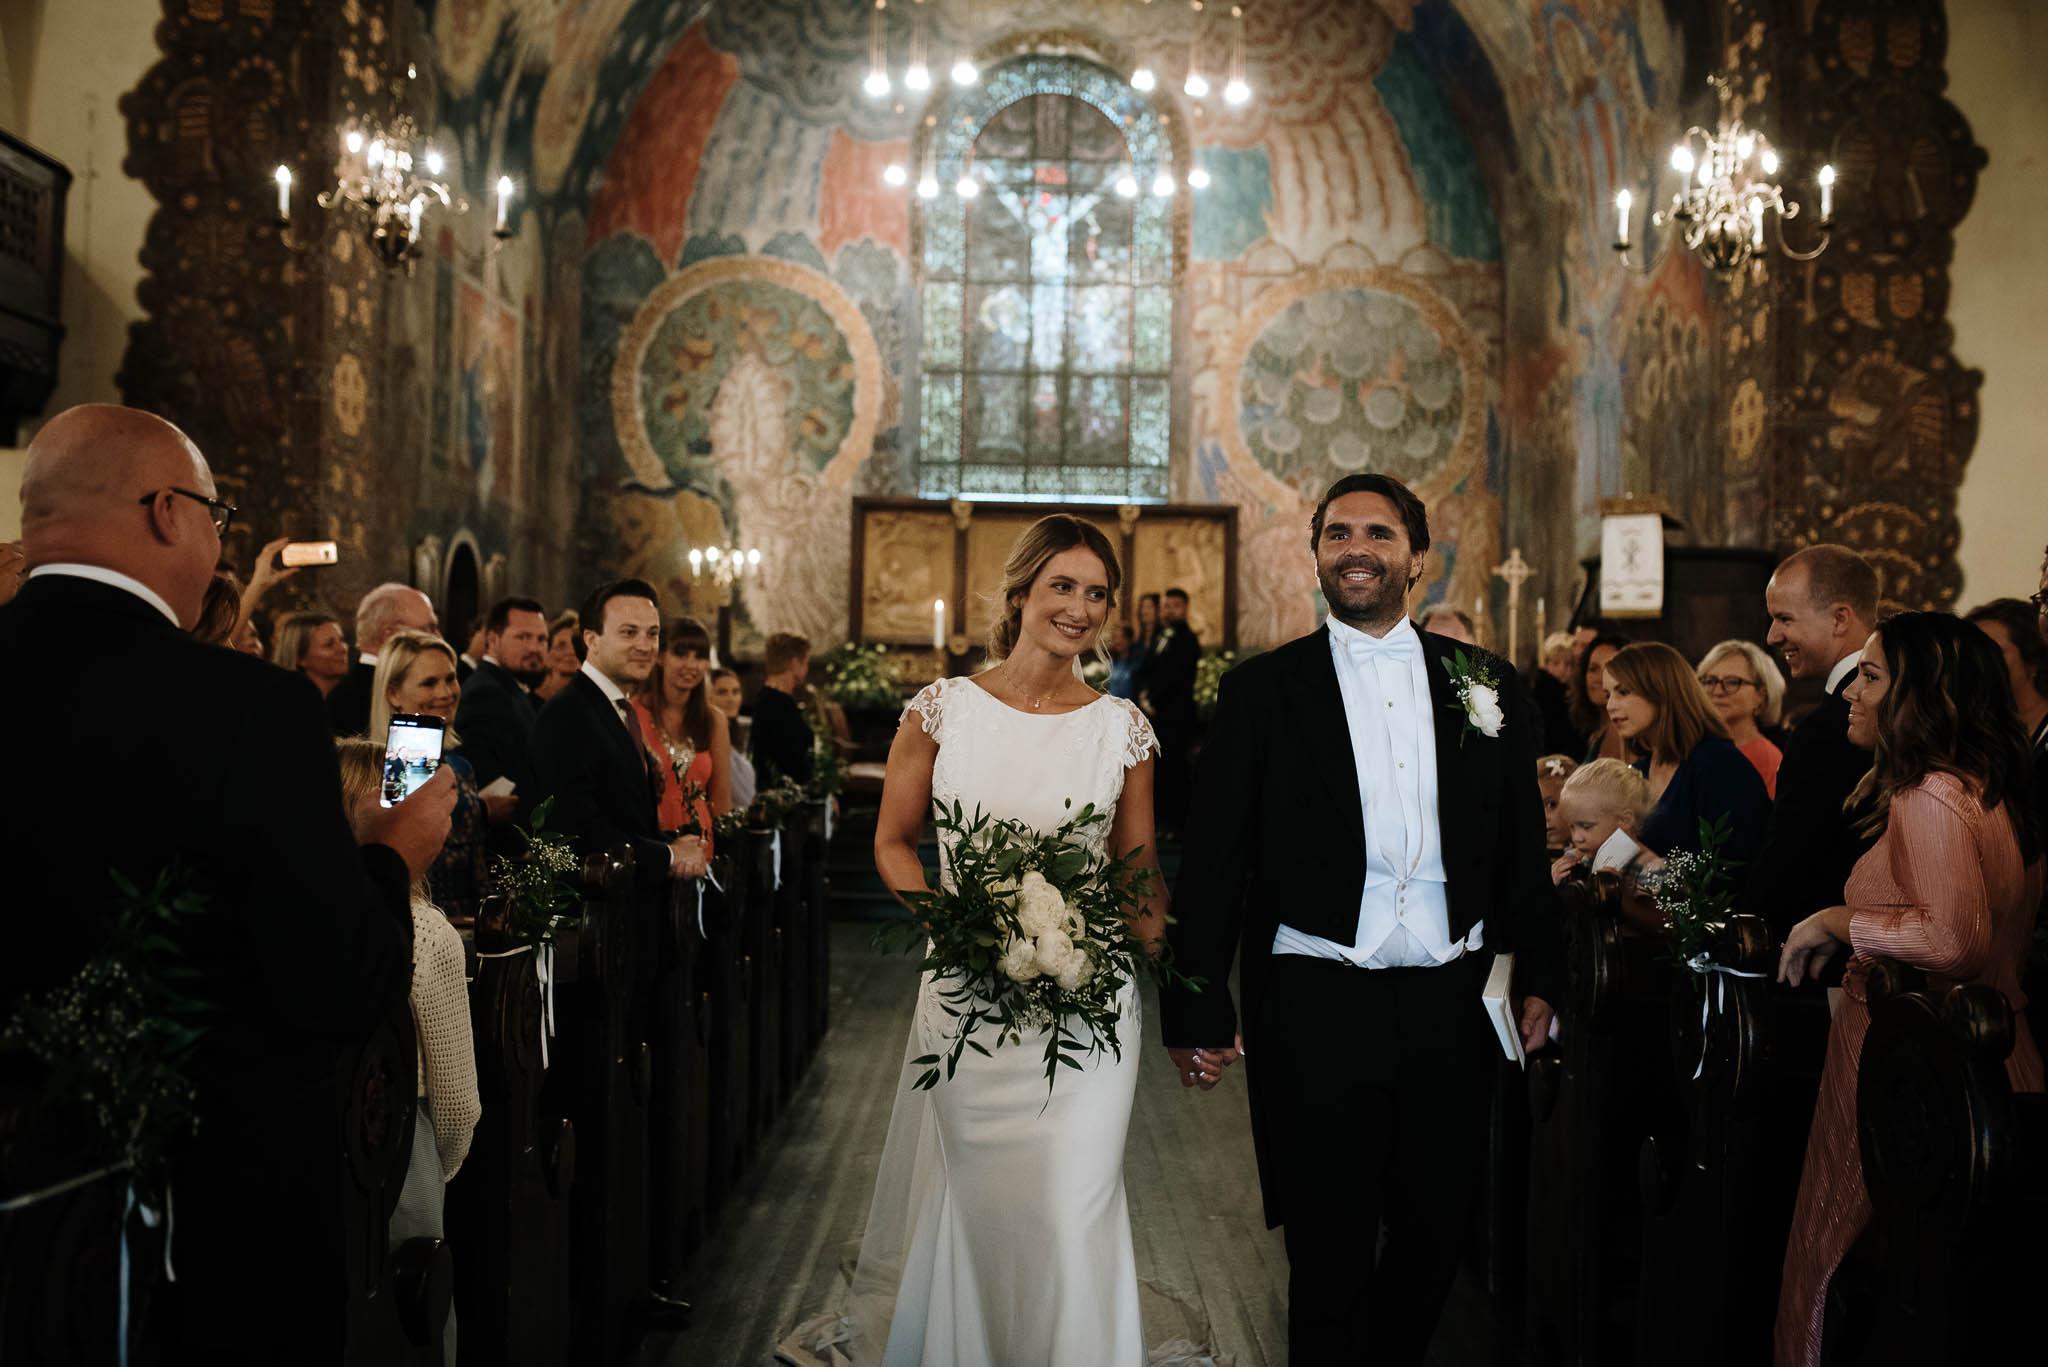 Bryllupsfotograf i Drammen - bryllup i Ålesund - Øygardshallen bryllup-44.jpg